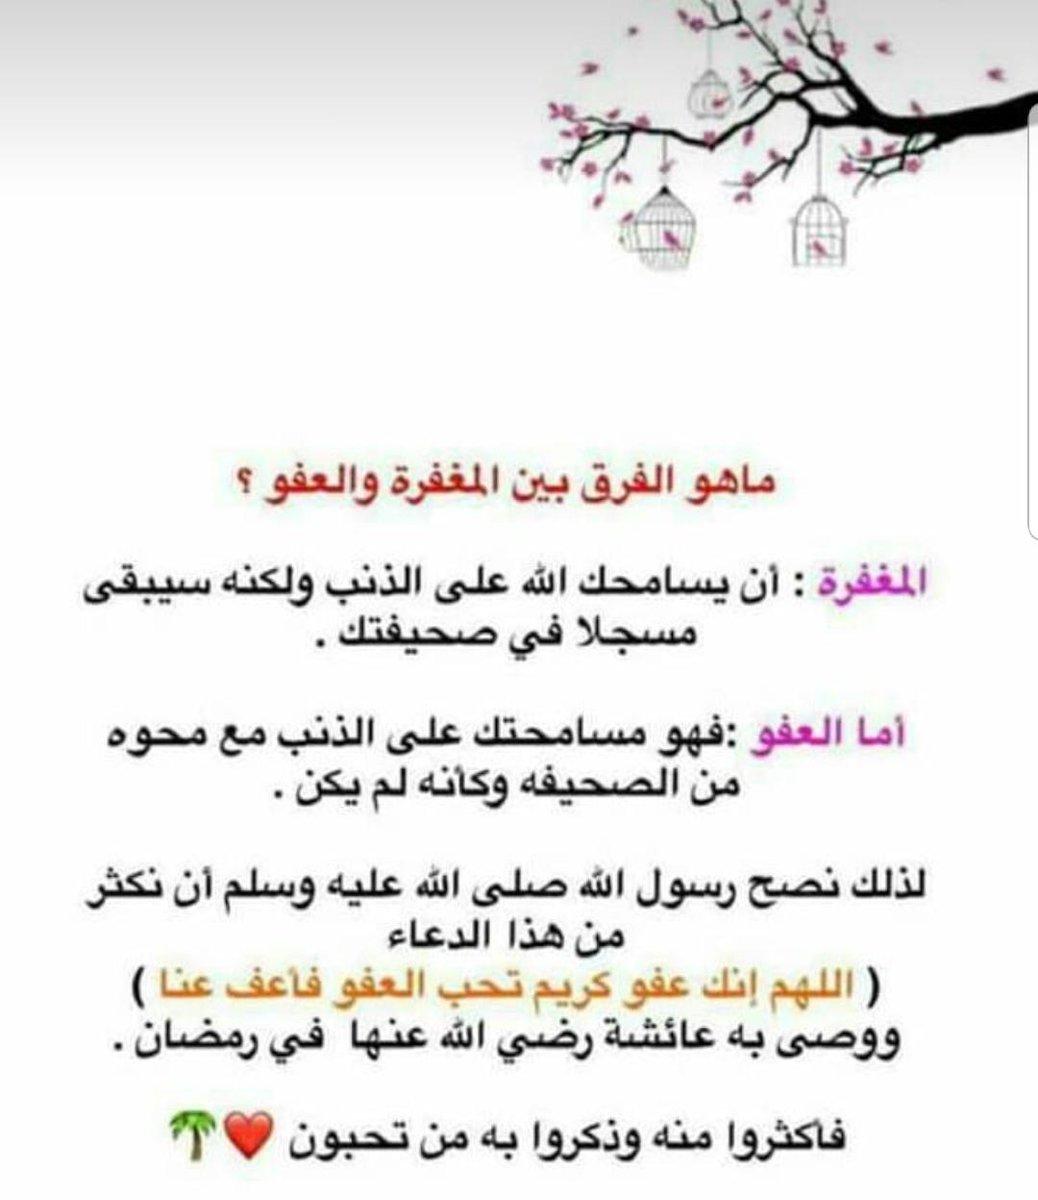 اللهم انك عفو كريم تحب العفو فاعف عنا Tweet Added By الأمل